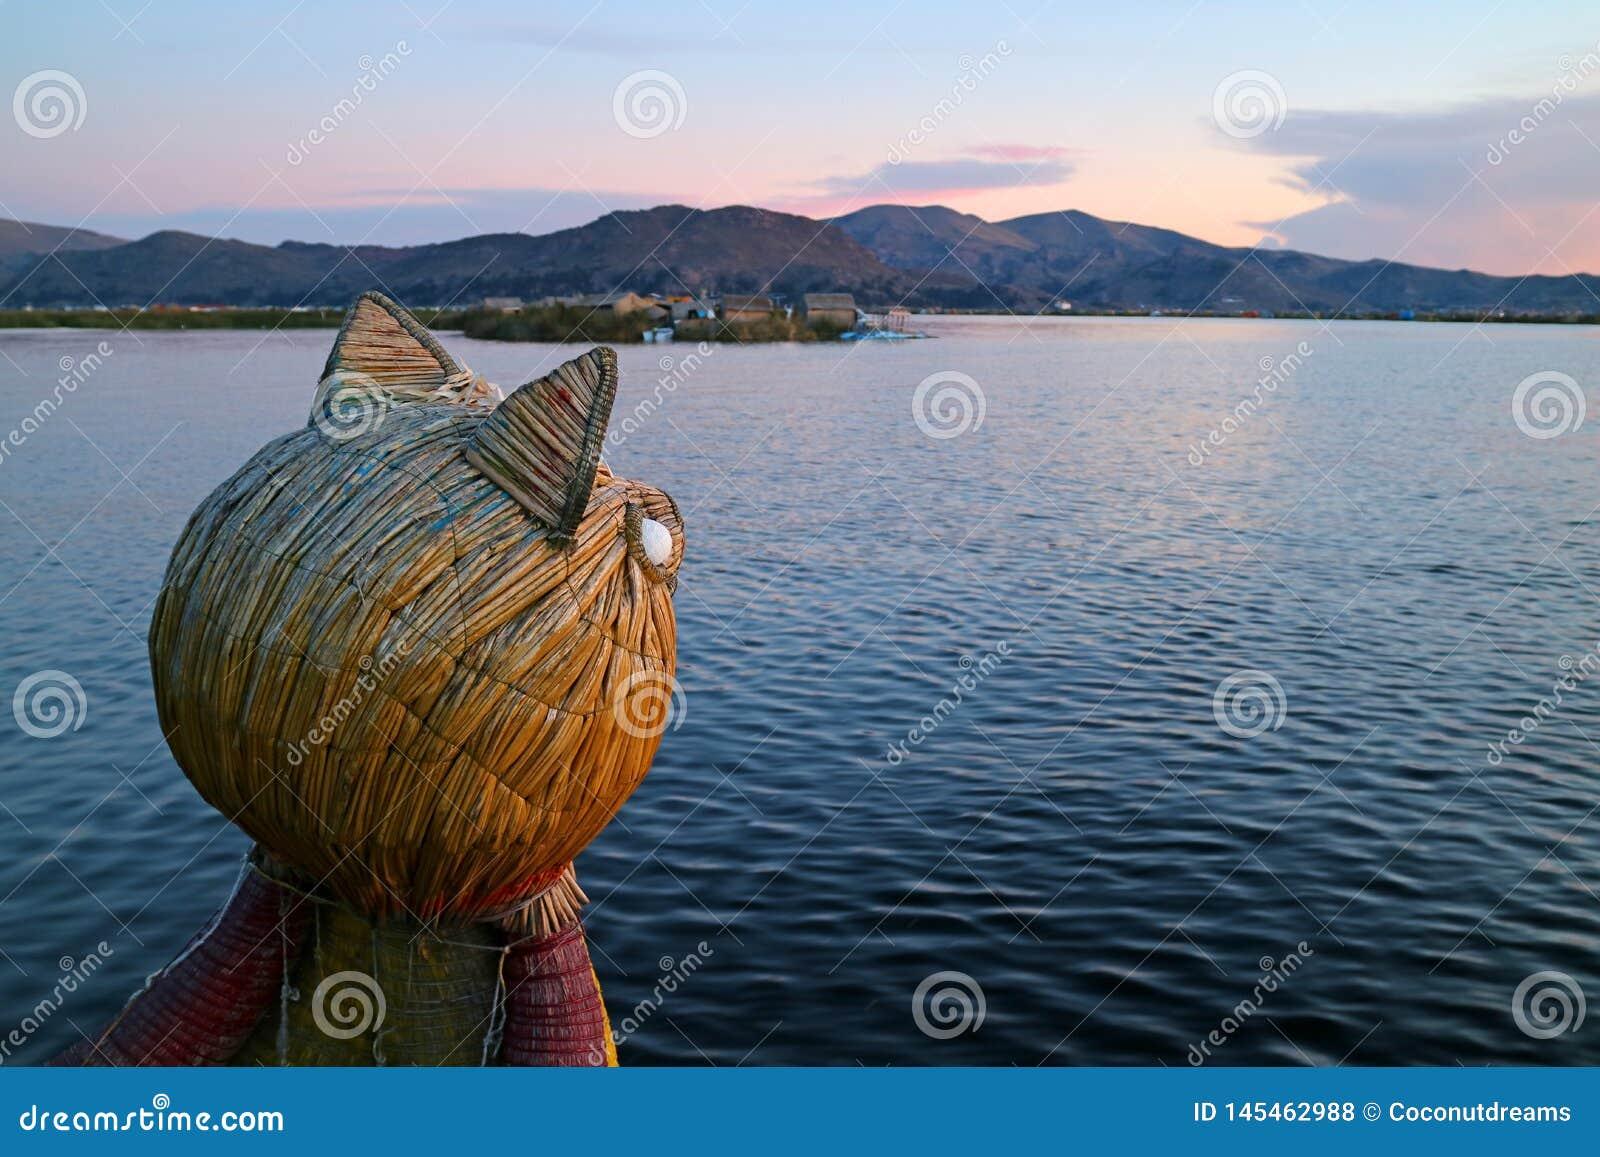 Traditionele Totora Reed Boat met Poema Hoofdboeg tegen Meer Titicaca bij Zonsondergang, Puno, Peru